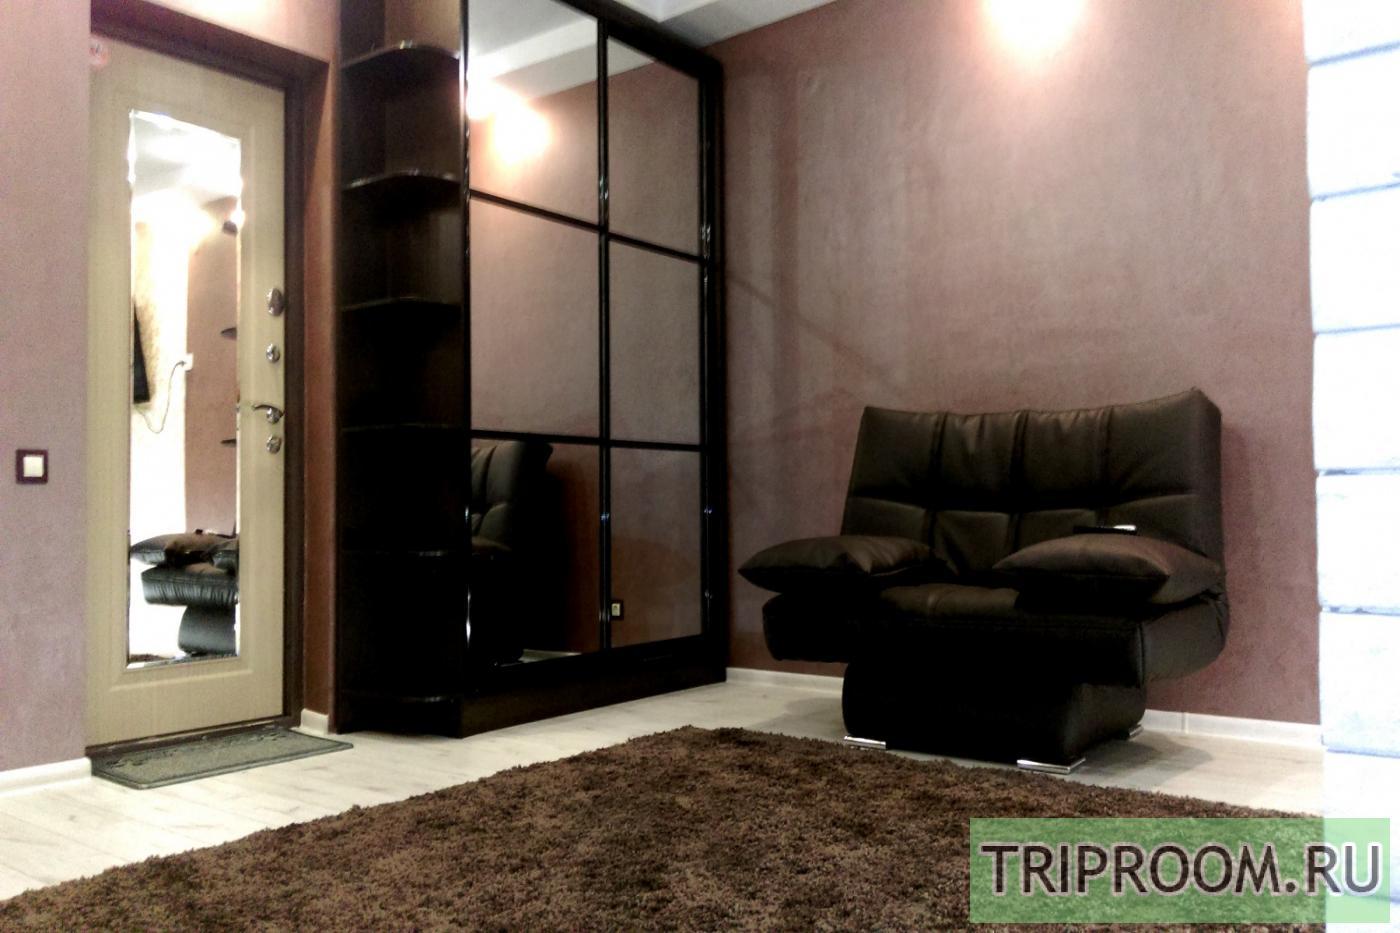 1-комнатная квартира посуточно (вариант № 21966), ул. Аткарская улица, фото № 9